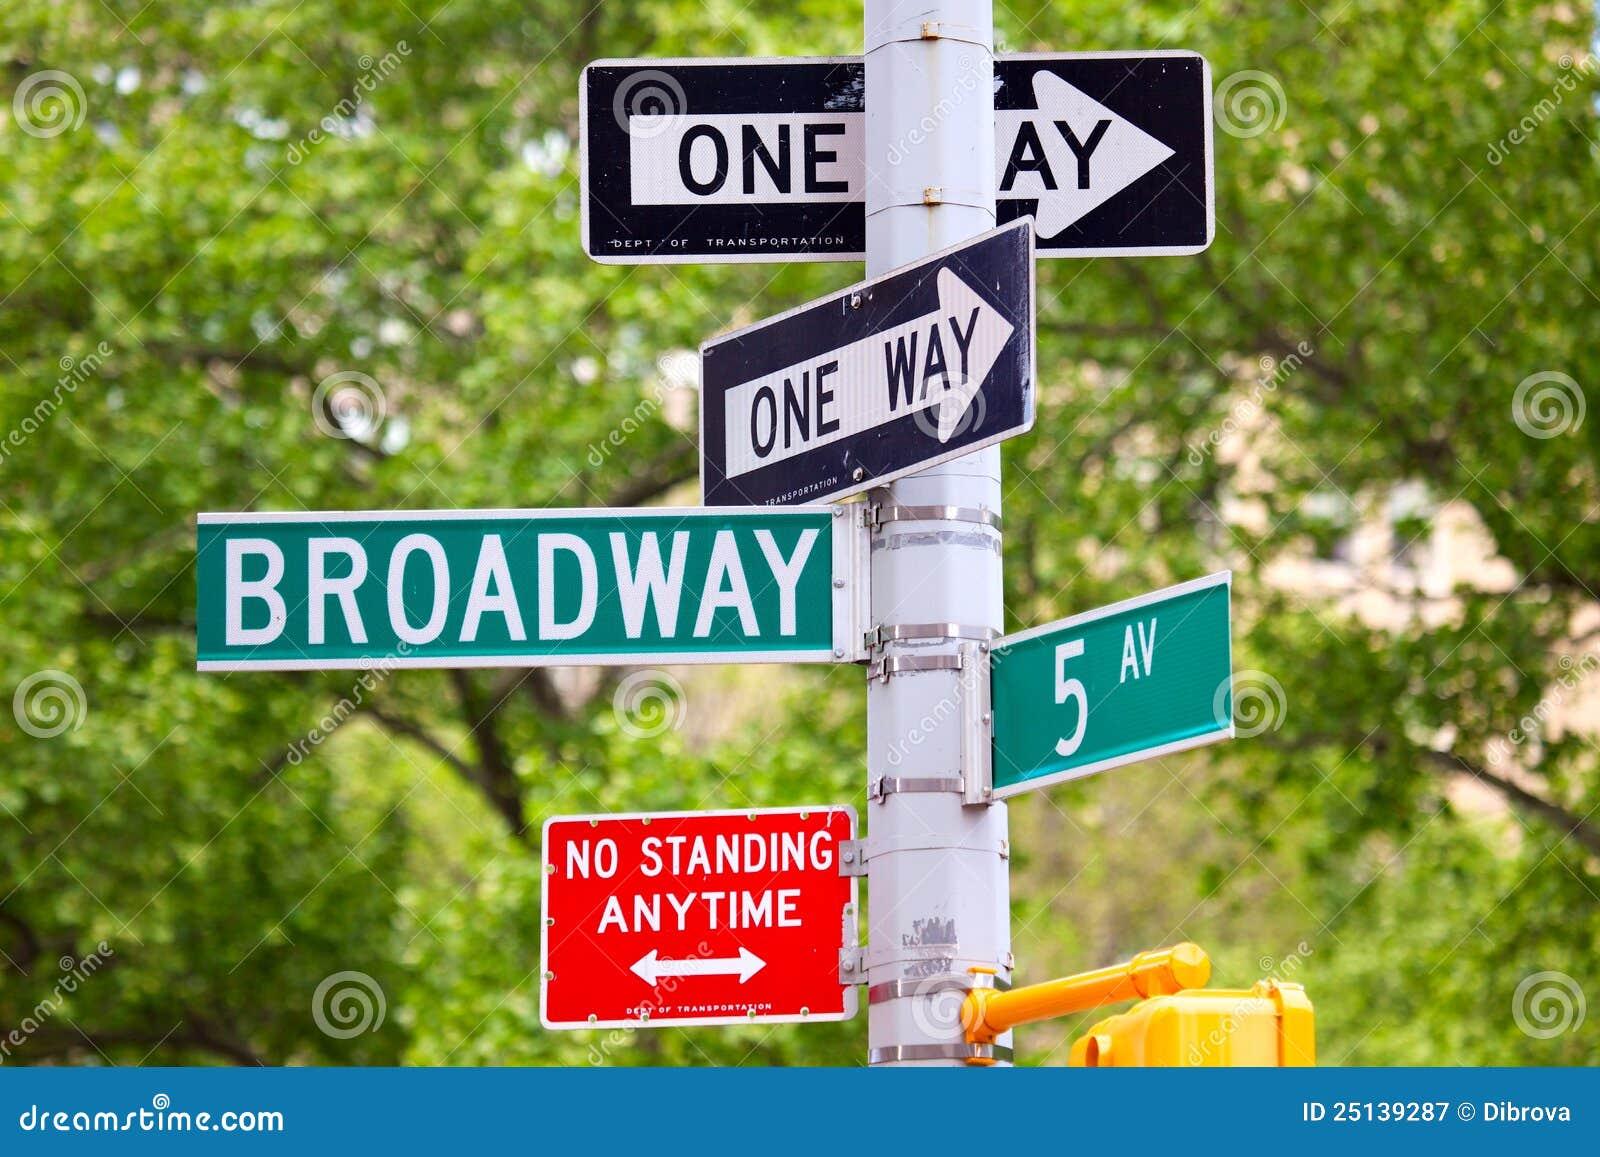 5-ый бульвар broadway одно подписывает путь улицы